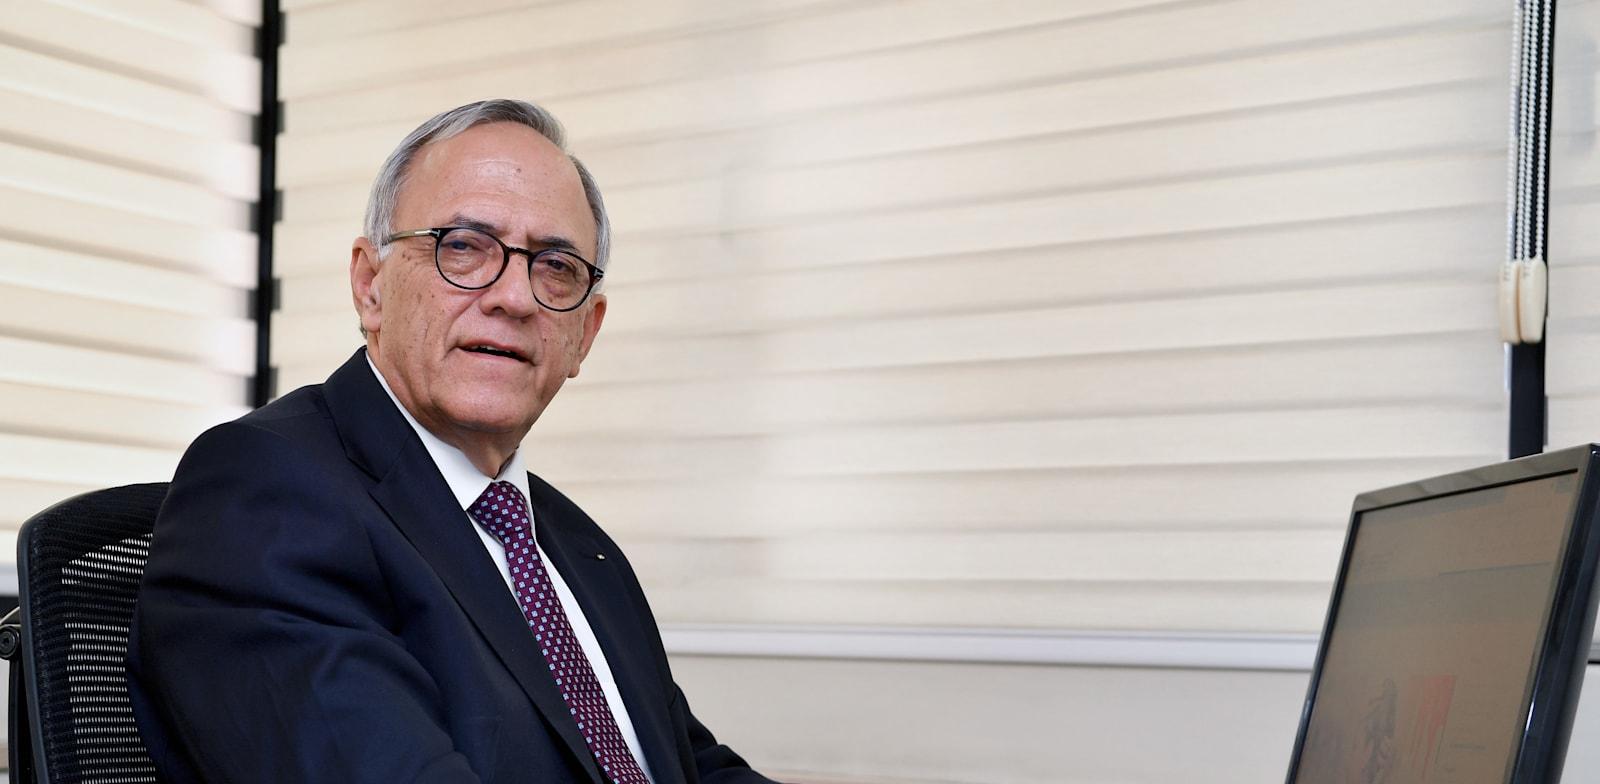 עודד פלר, בעלי חברת אמיליה פיתוח / צילום: פאול אורלייב